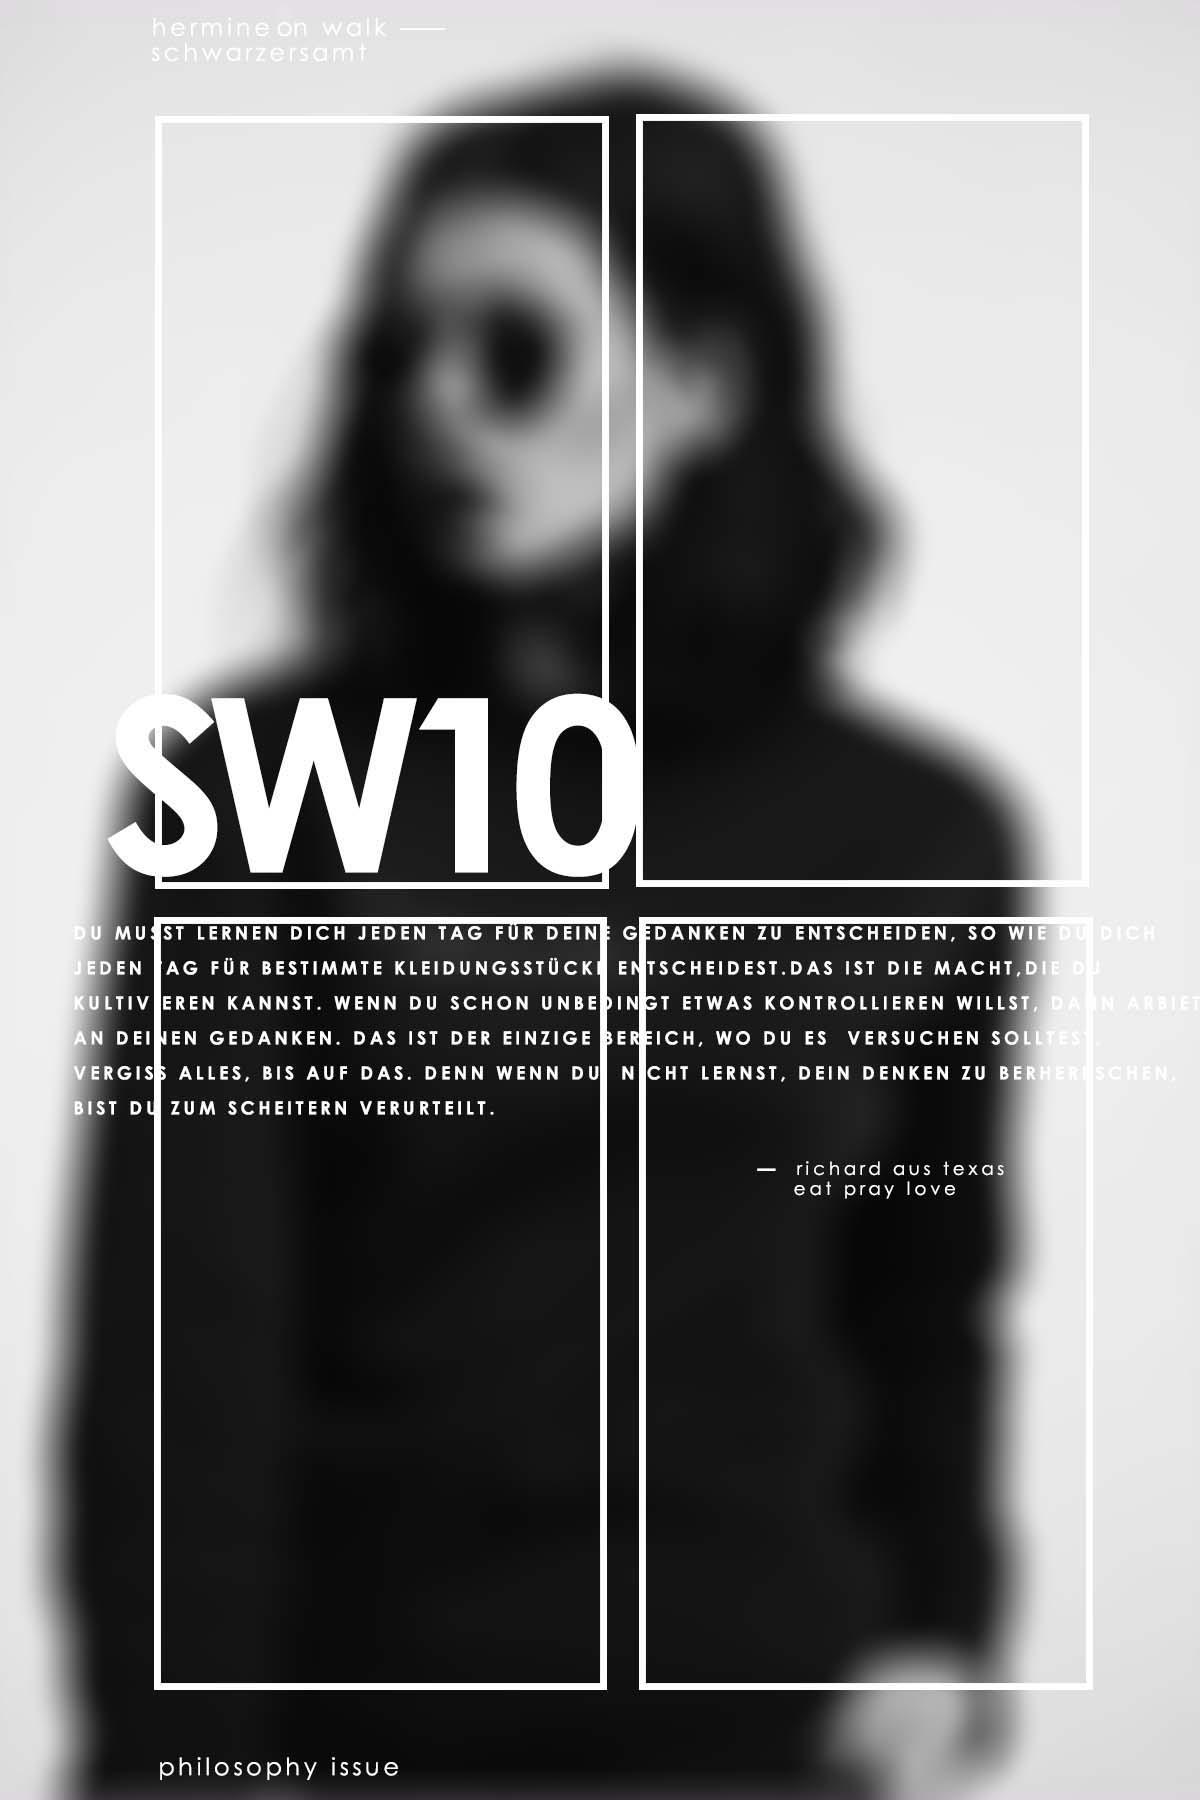 Ich zeige euch wie man tolle Graphic Design entwerfen und vorhandene Kenntnisse durch leichte Tricks verbessern kann. Schaut gleich vorbei ! Hermine on walk | Graphic Design | Magazine Cover | Typography